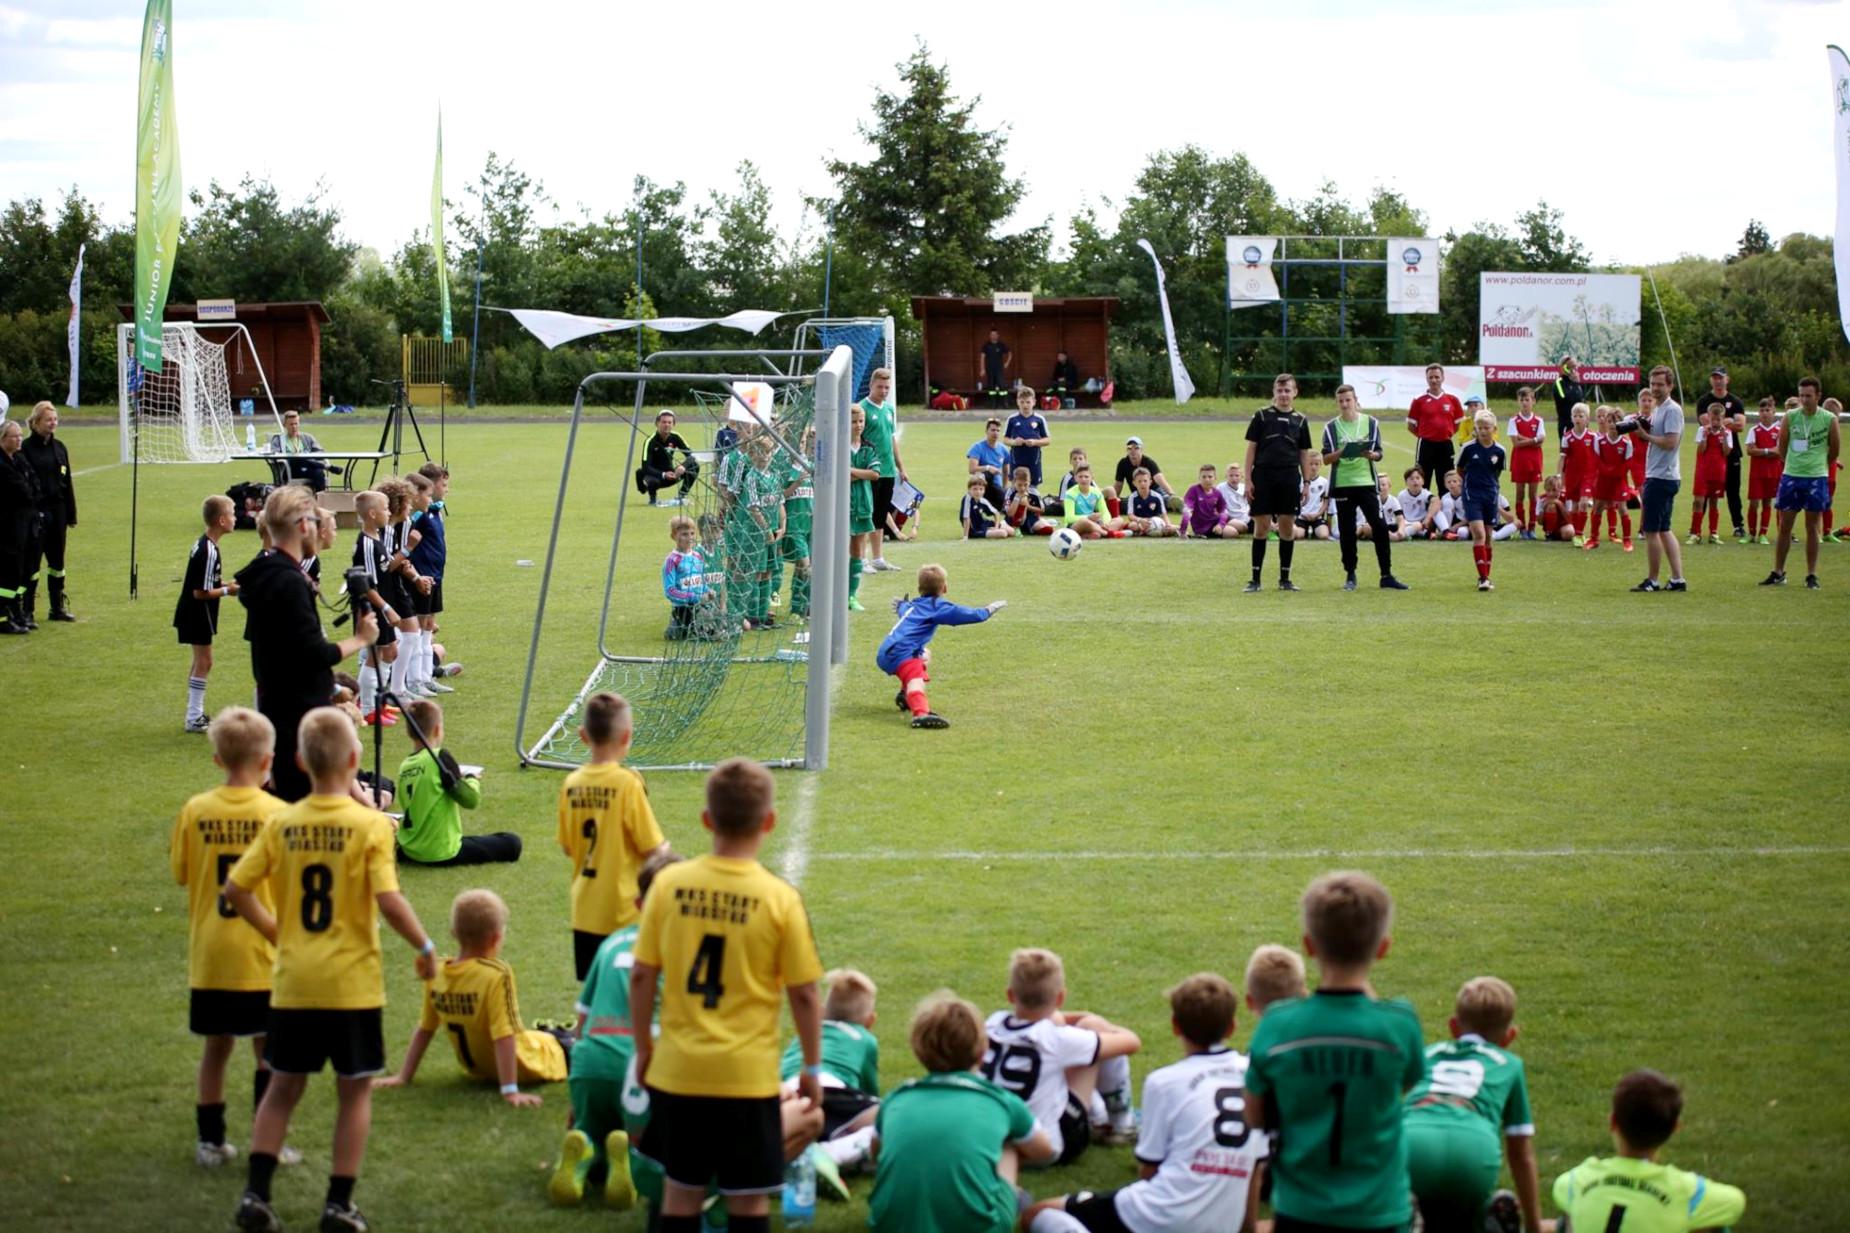 Piłkarskie emocje nie tylko w Rosji. Kilkaset młodych piłkarzy zagra w międzynarodowym turnieju w Przechlewie